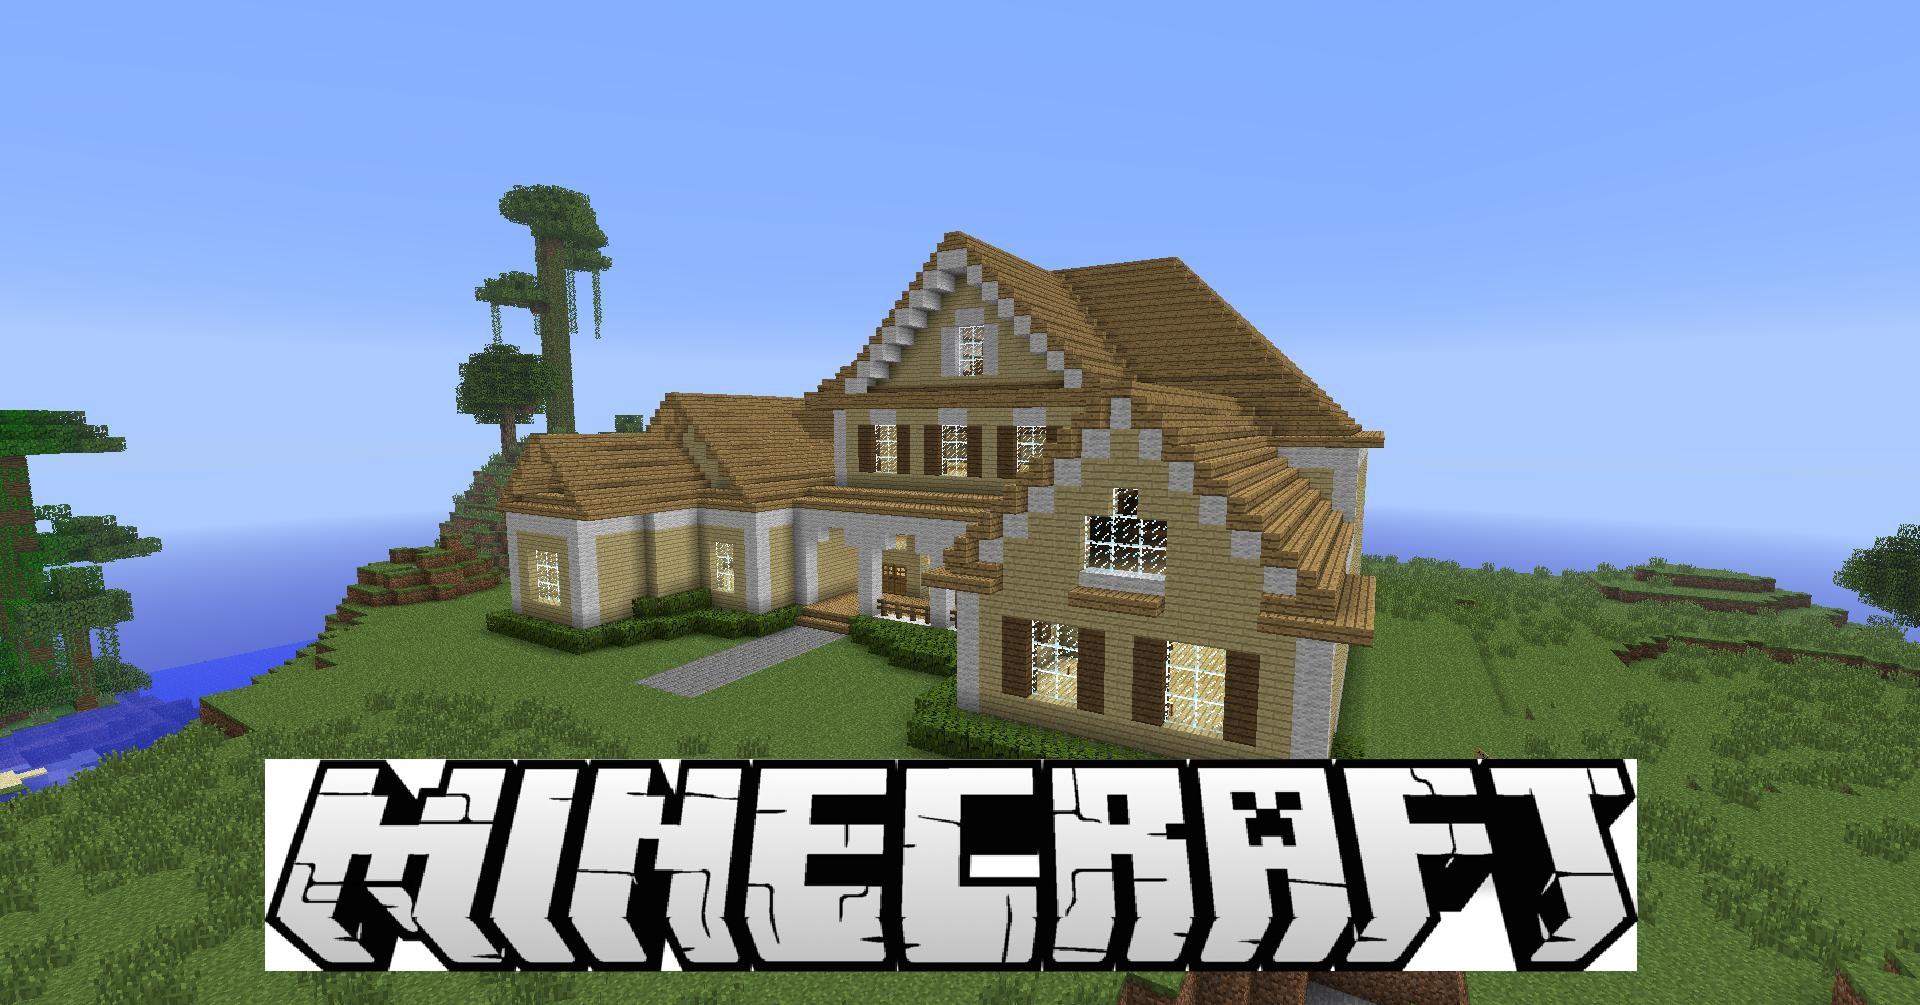 Minecraft Häuser Bauen Leicht Gemacht So Gehts GIGA - Minecraft schone einfache hauser